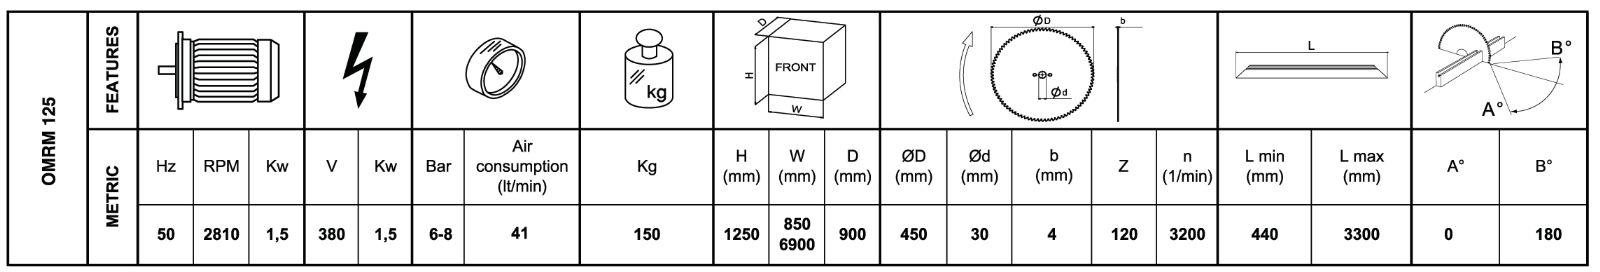 OMRM-125 Masina automata de debitat profile PVC si aluminiu - date tehnice